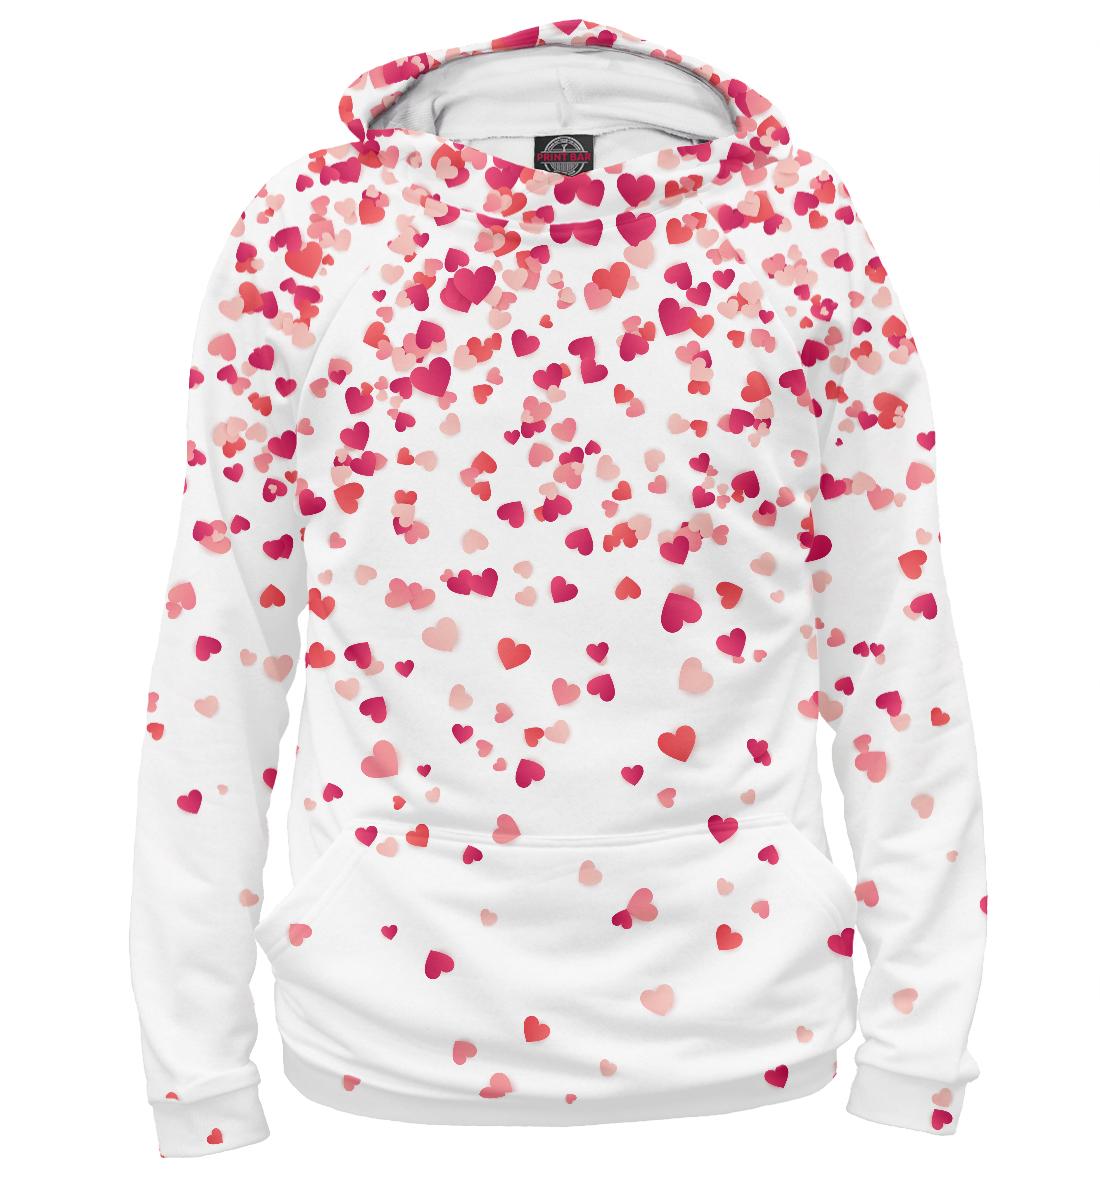 Купить Дождик для влюбленных, Printbar, Худи, SRD-900870-hud-1